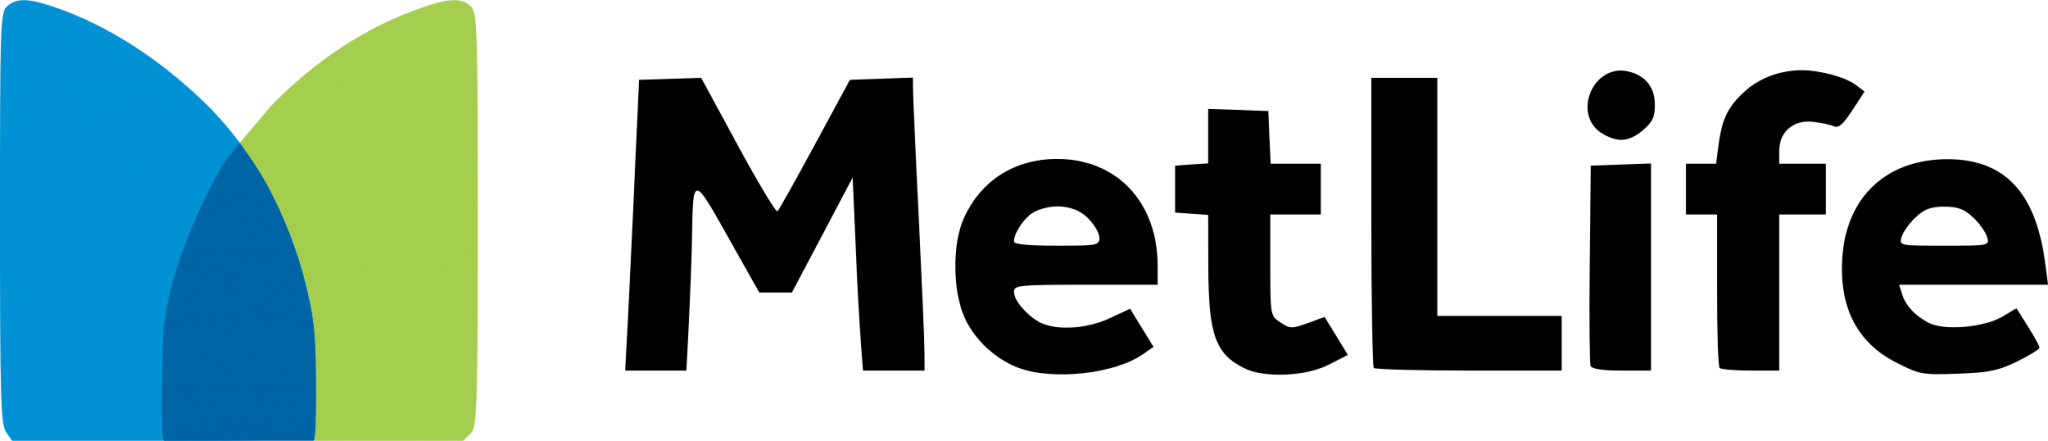 Metlife Transparent Background